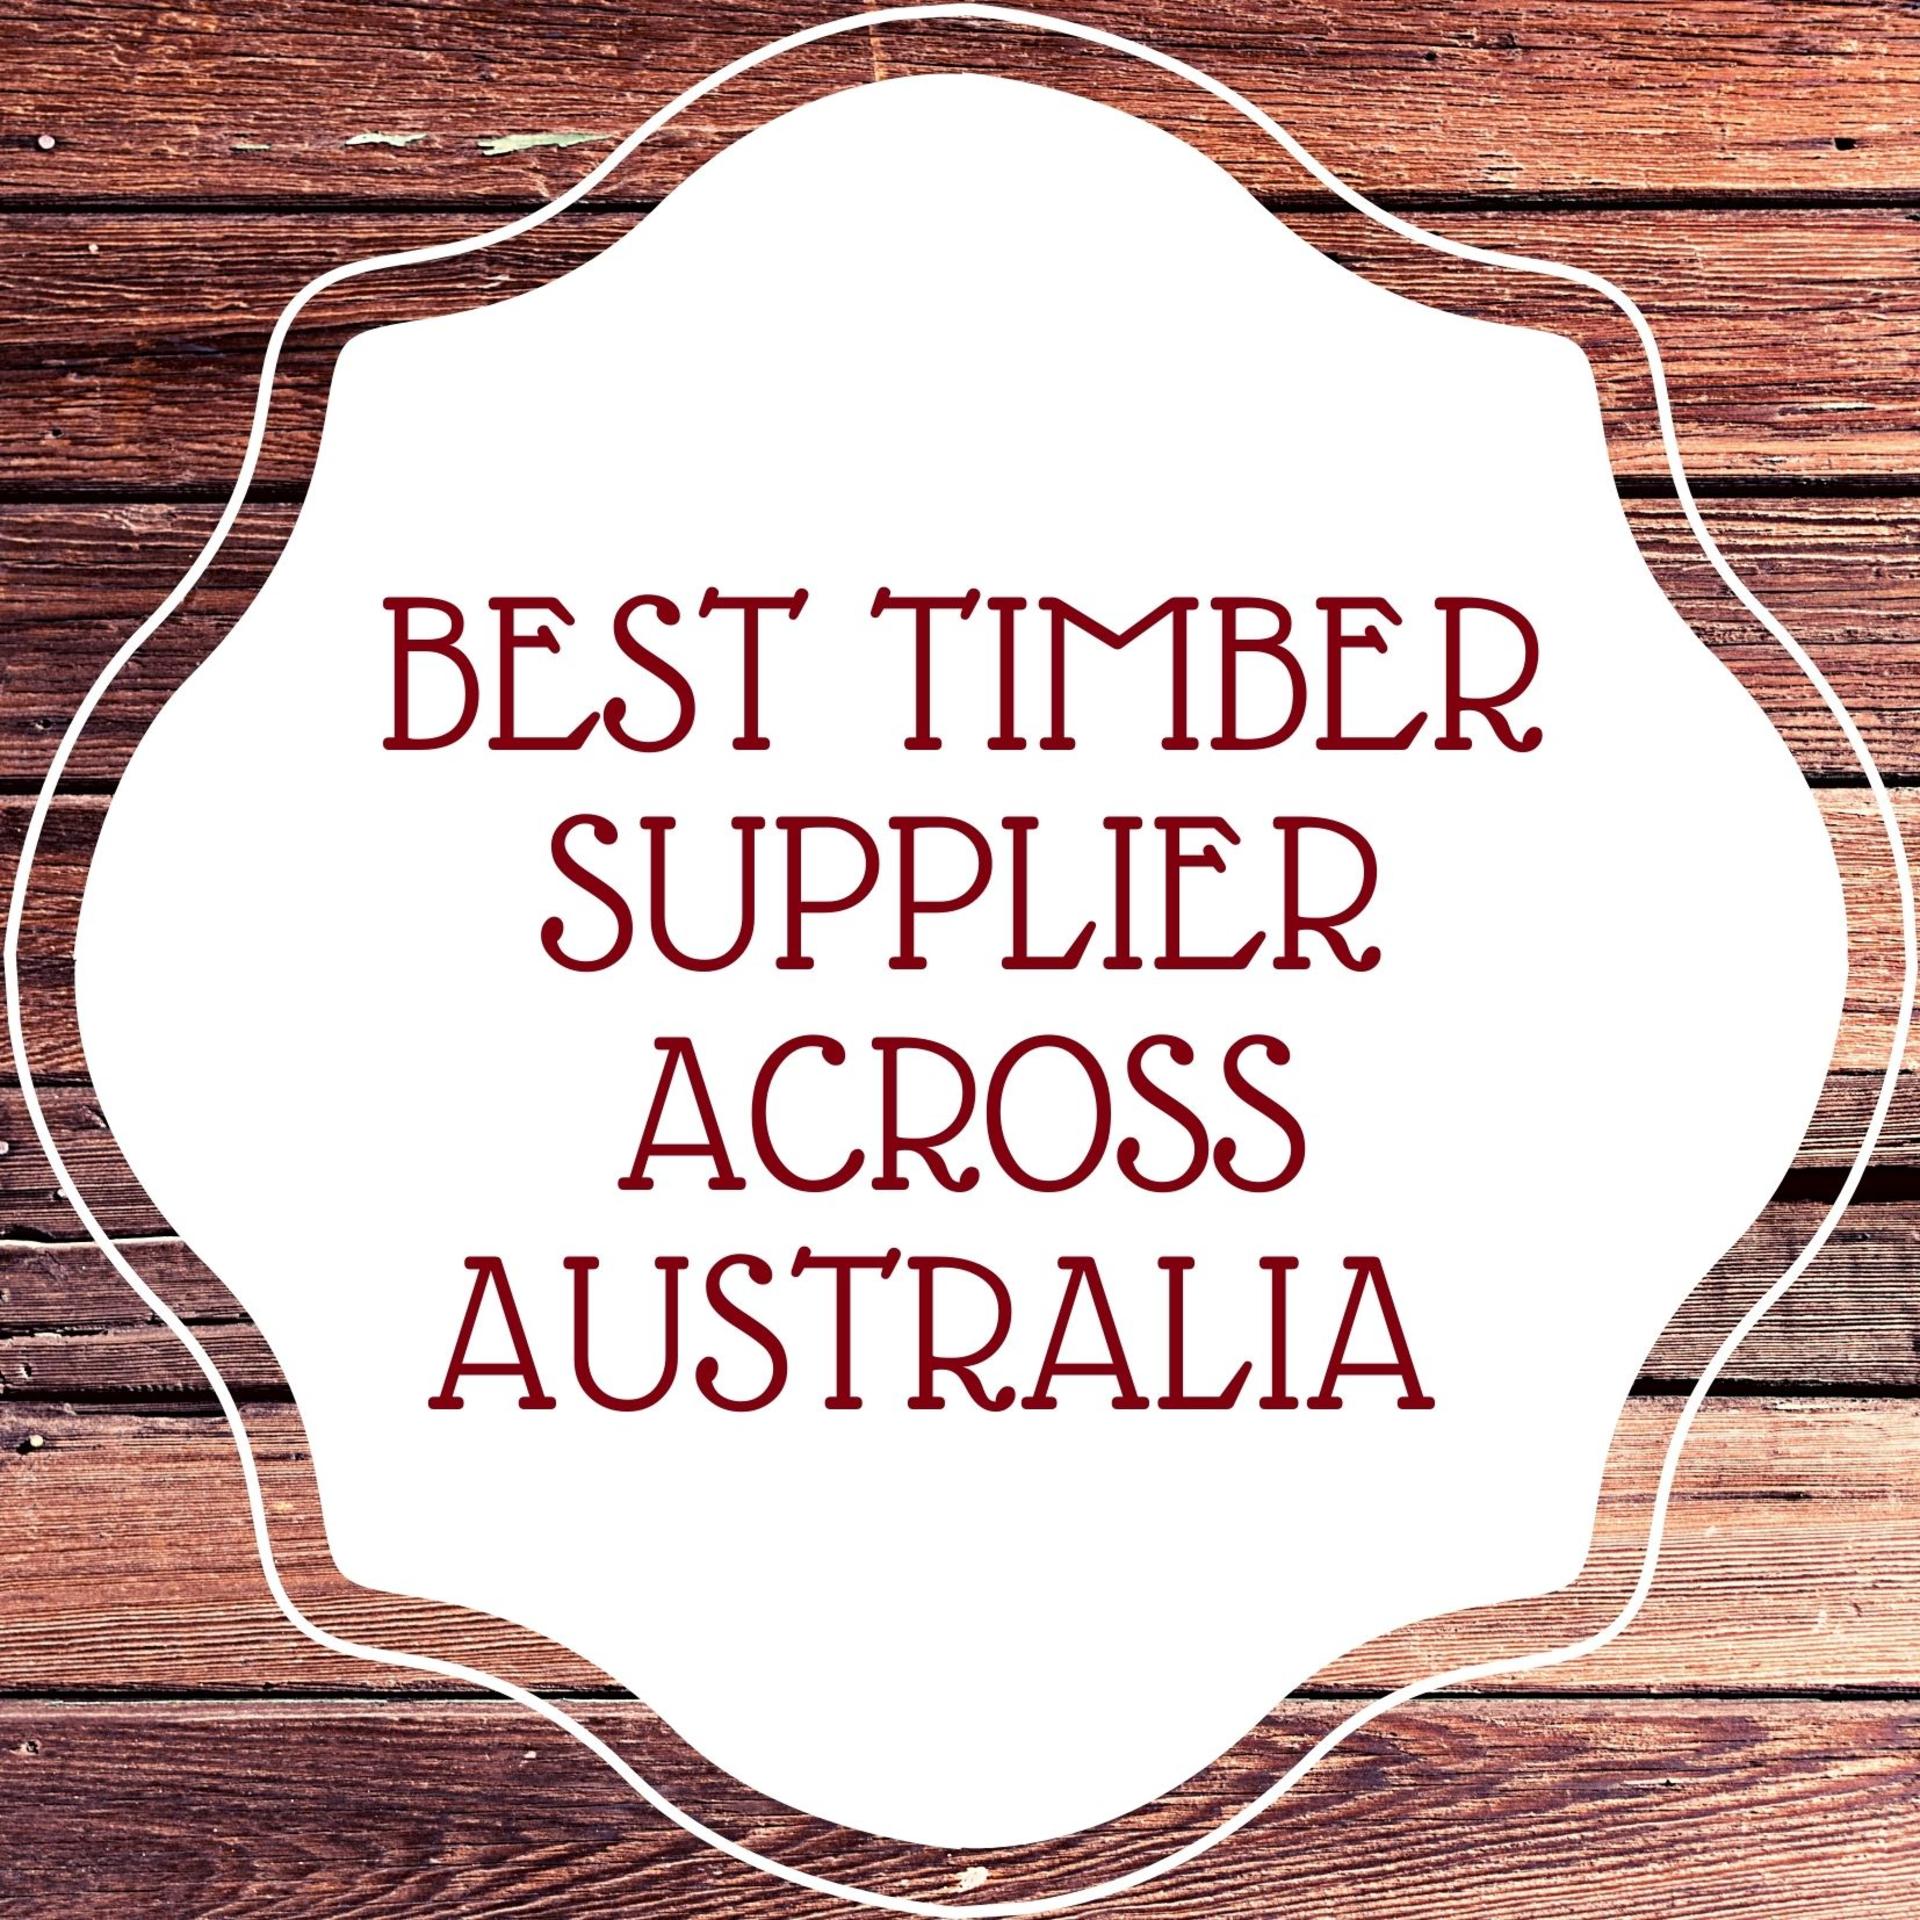 BEST TIMBER SUPPLIER ACROSS AUSTRALIA (Brisbane, Sydney, Adelaide & Canberra) | gaurav_kumar123